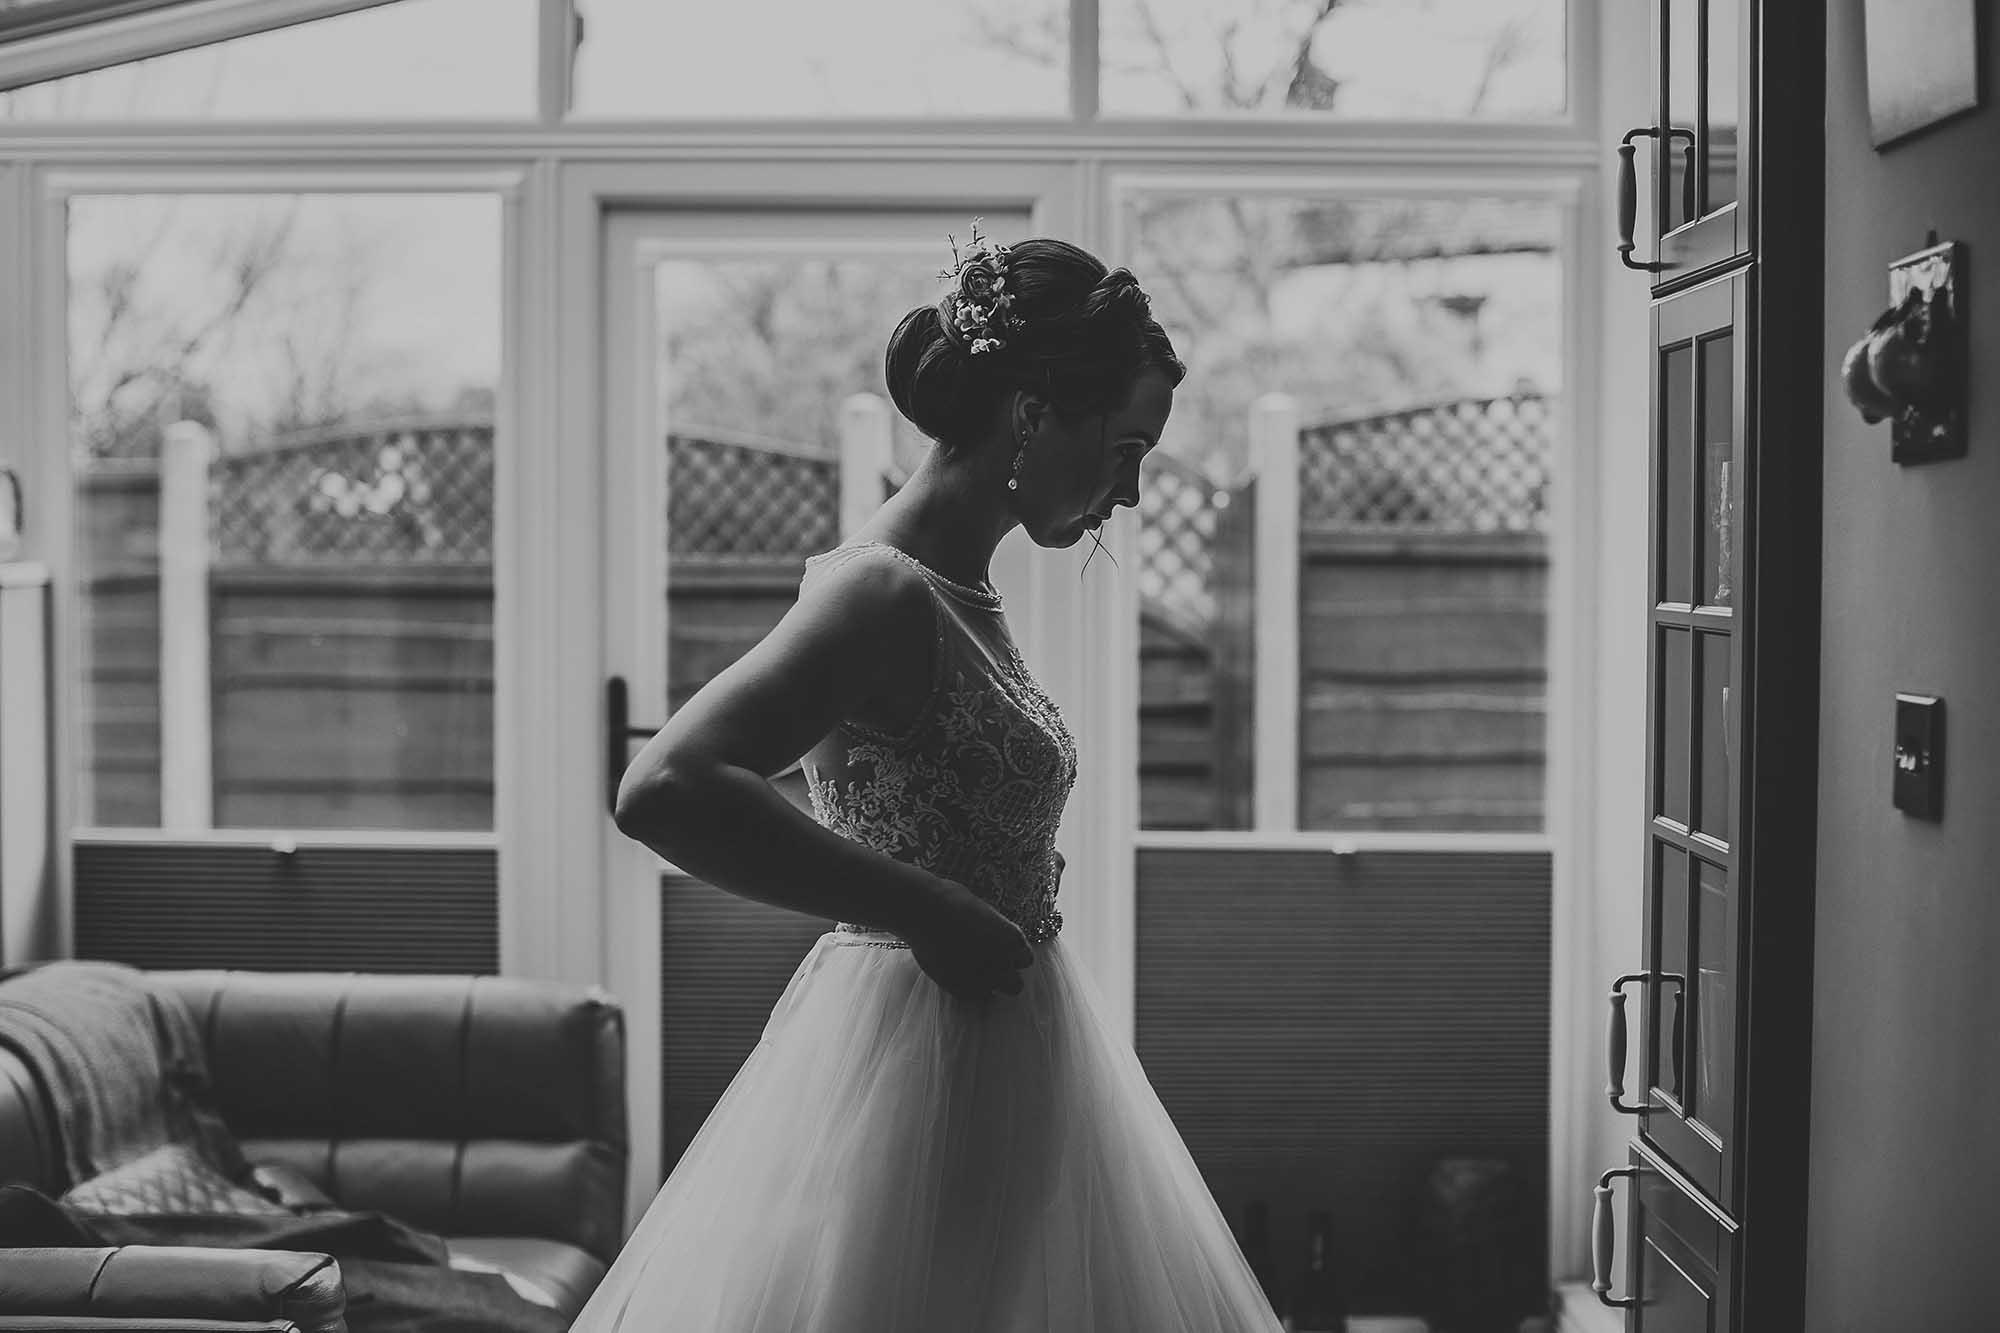 bride getting ready for wedding at Bolton School